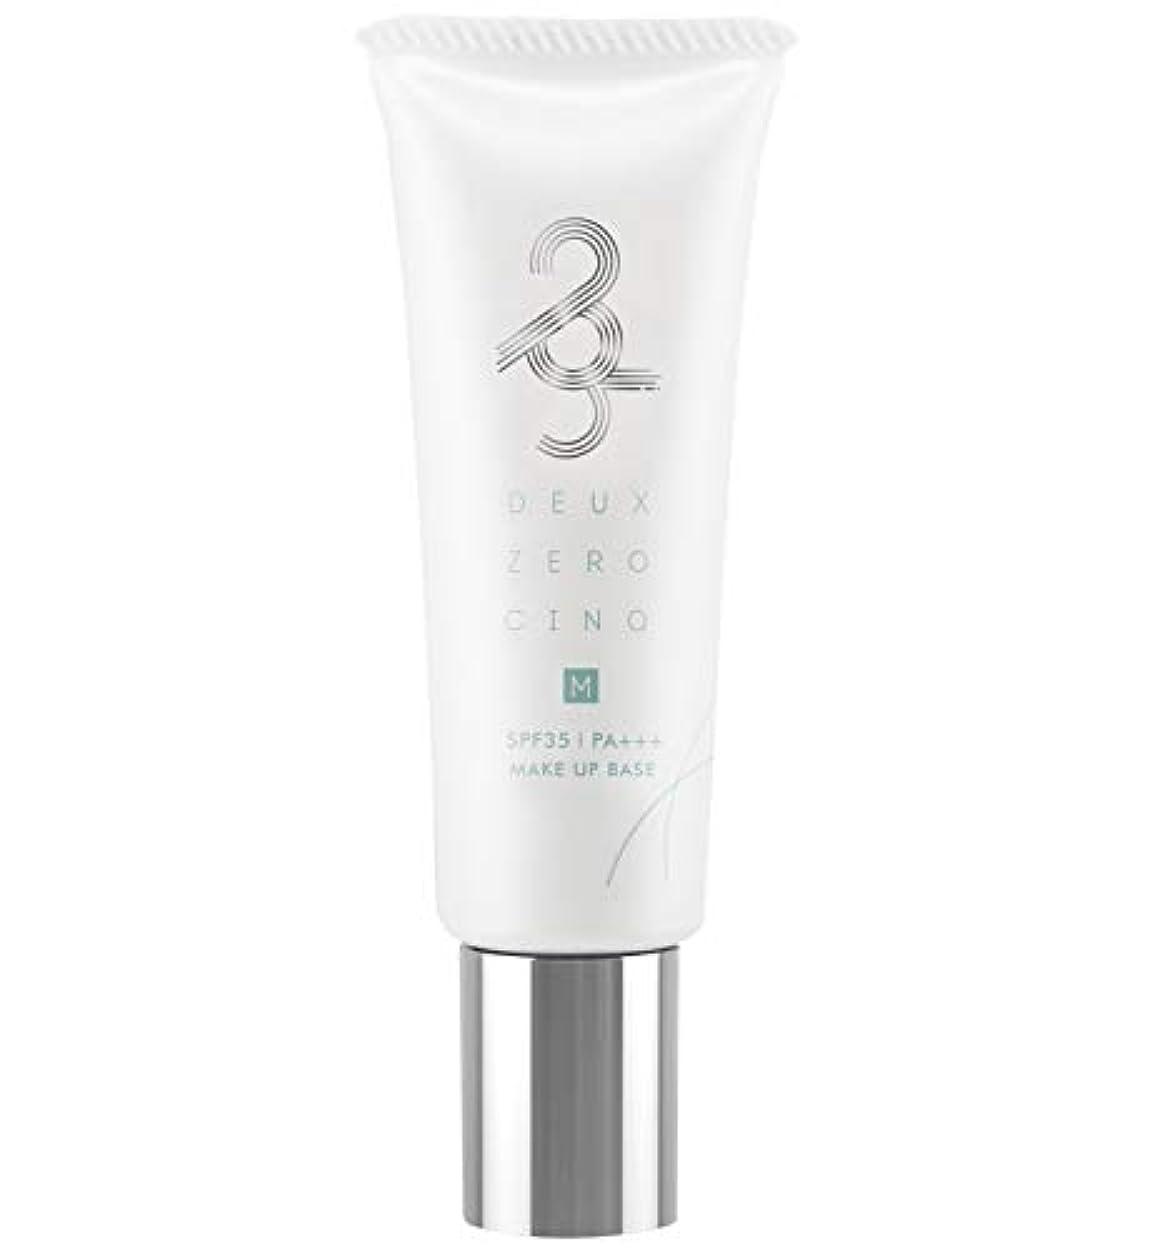 ボス化学薬品数値DEUX ZERO CINQ(ドゥ ゼロ サンク) マット SPF35/PA+++ (化粧下地) 30ml